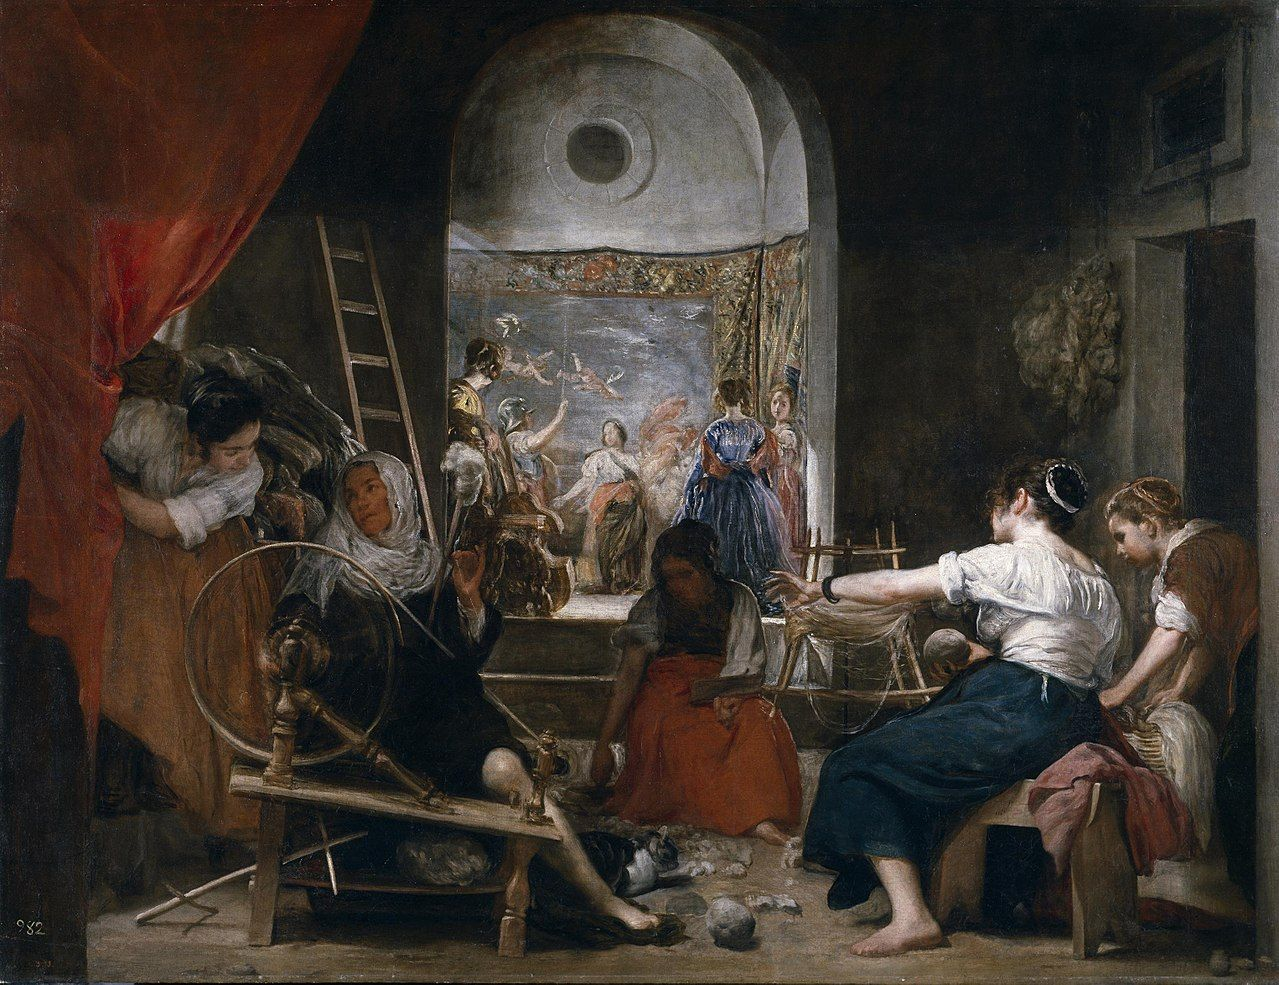 Las holandesas, pintura de Diego de Velázquez que muestra en momento en que Aracne es convertida en Araña por Atenea.